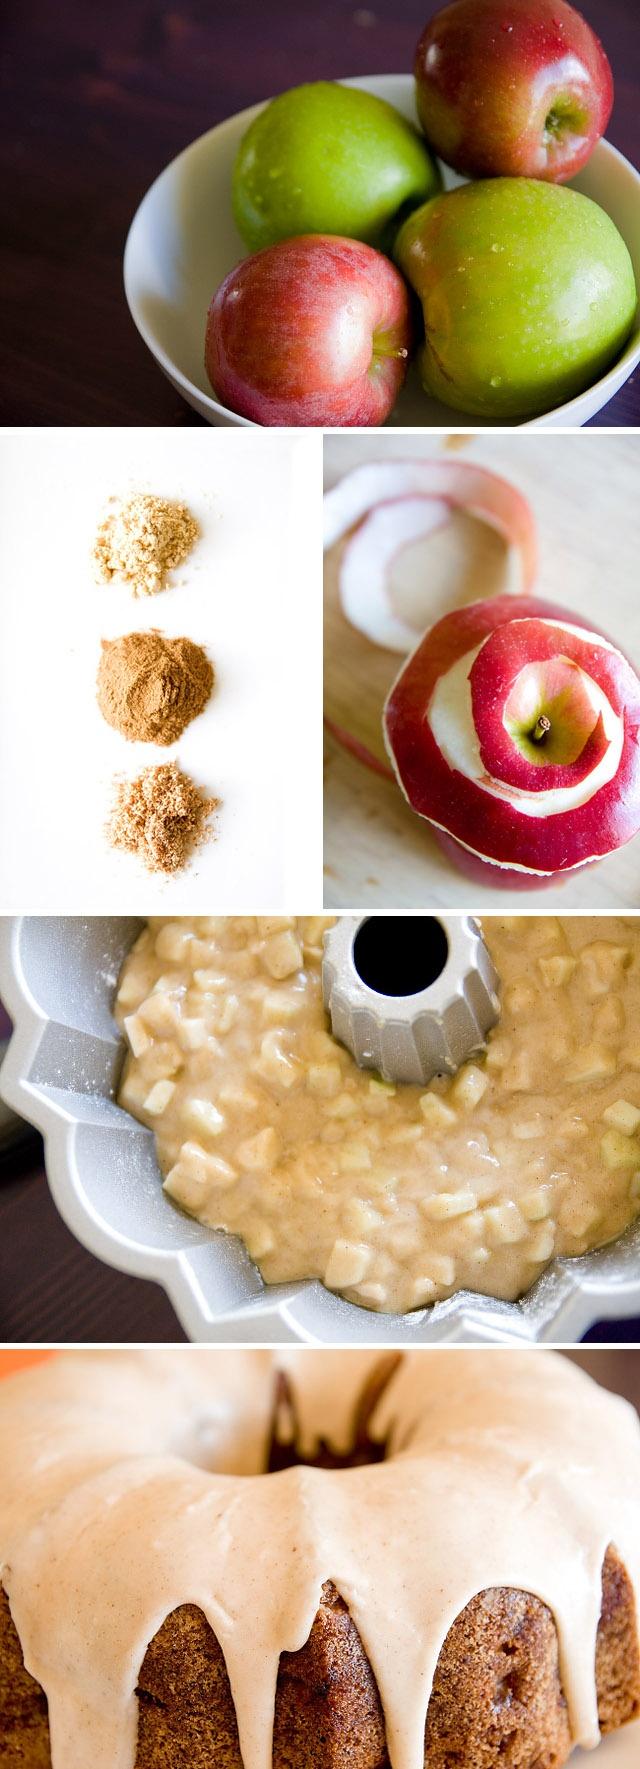 apple honey cake rosh hashanah